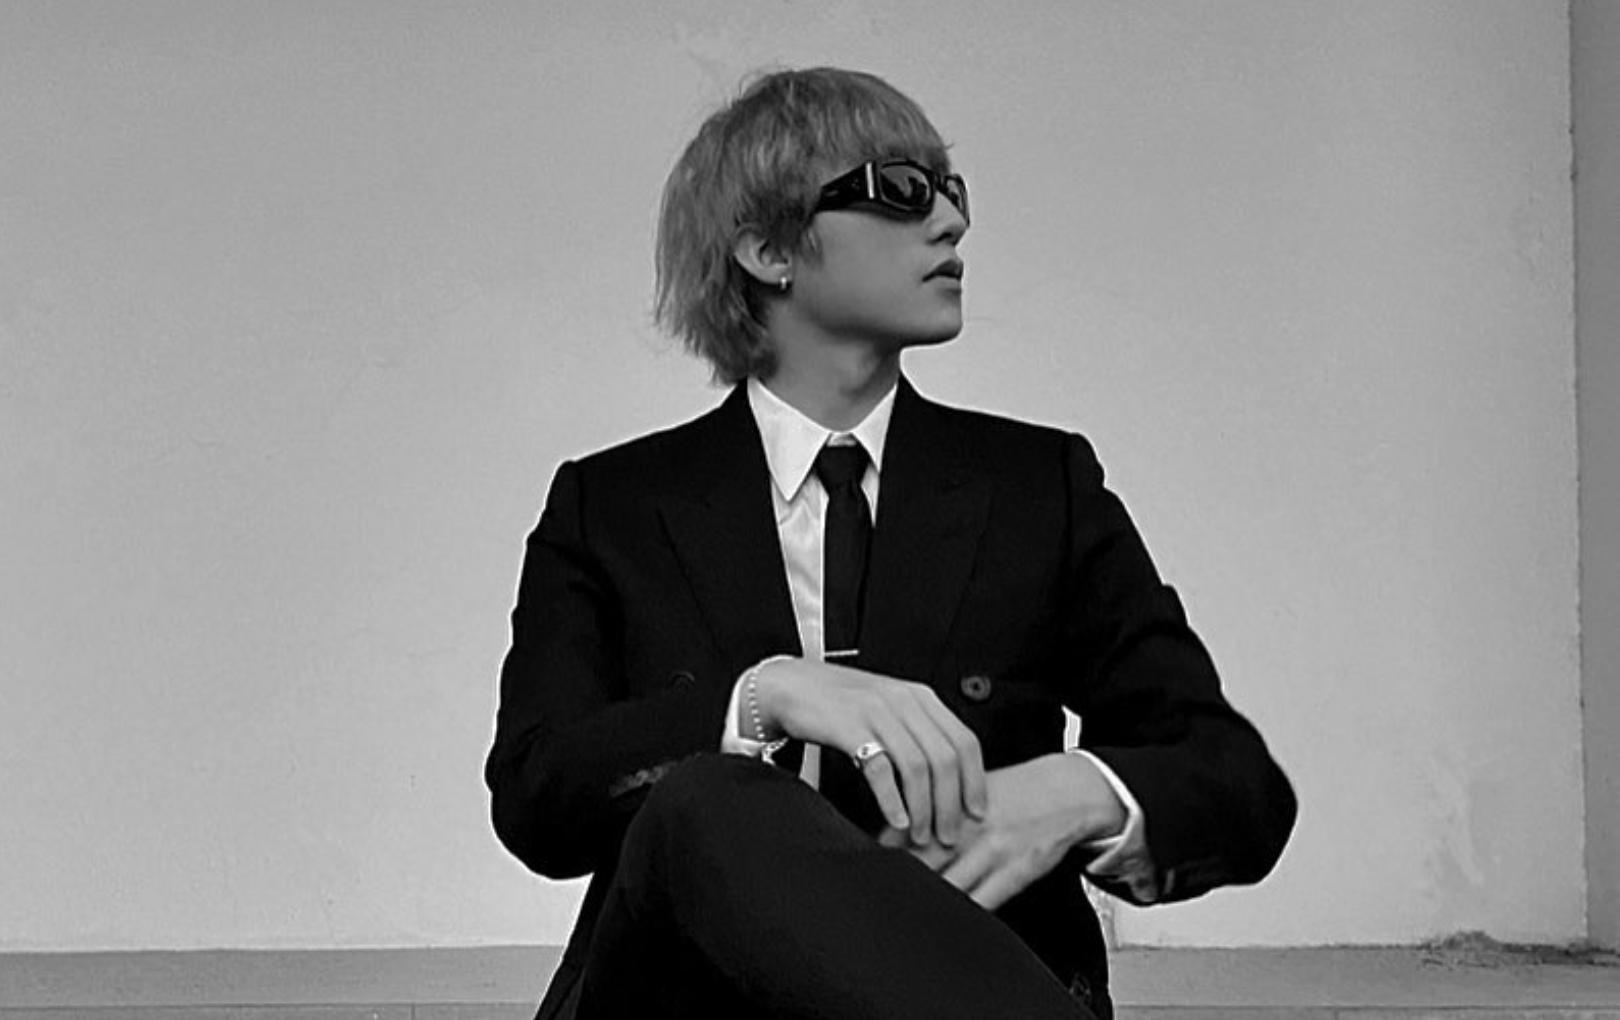 """Sơn Tùng M-TP bất ngờ đổi ảnh đại diện Instagram, fan rần rần: """"Tín hiệu comeback đây rồi!"""""""